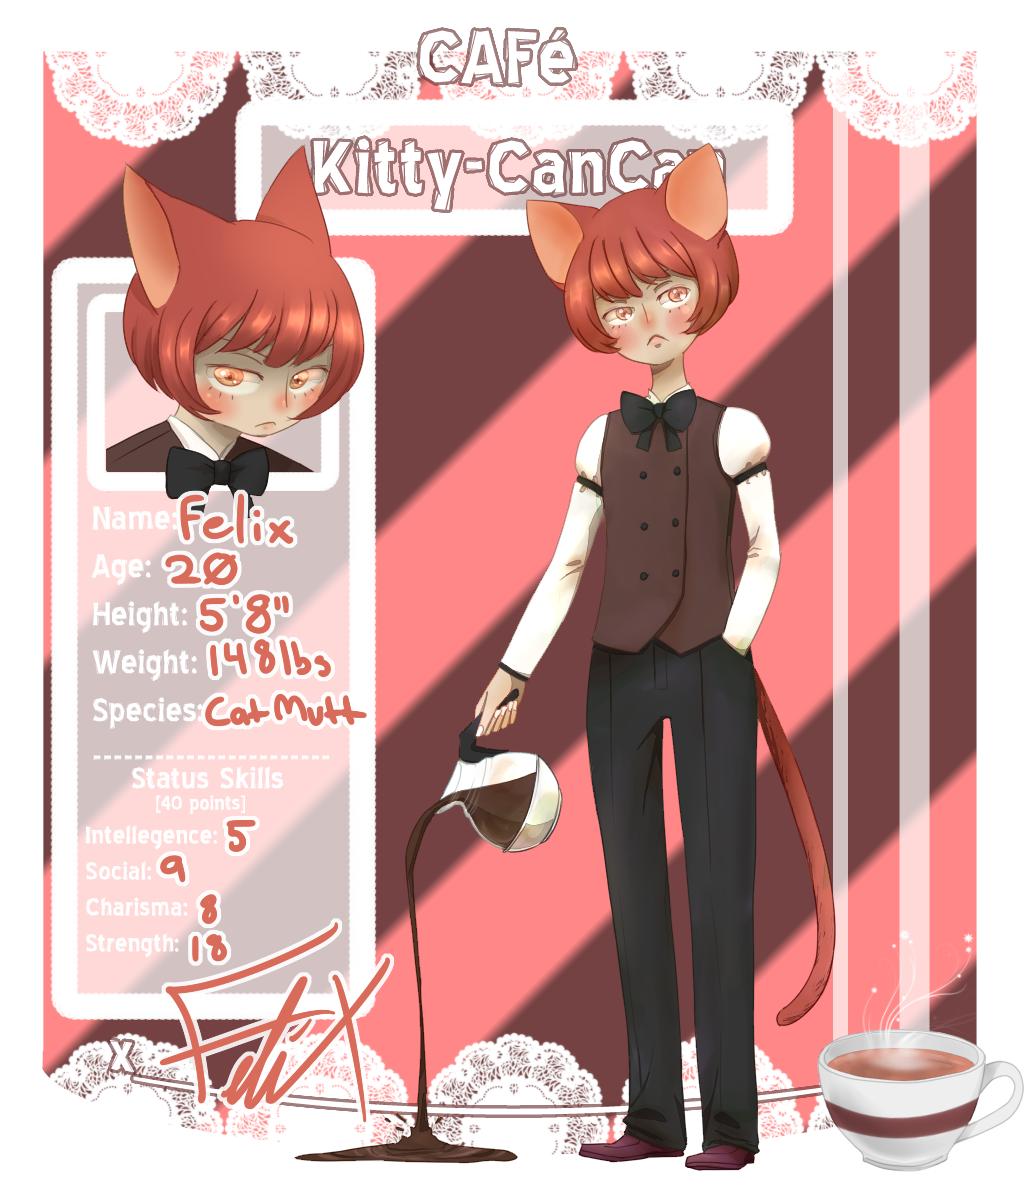 KCCC App: Felix by arrozmonster